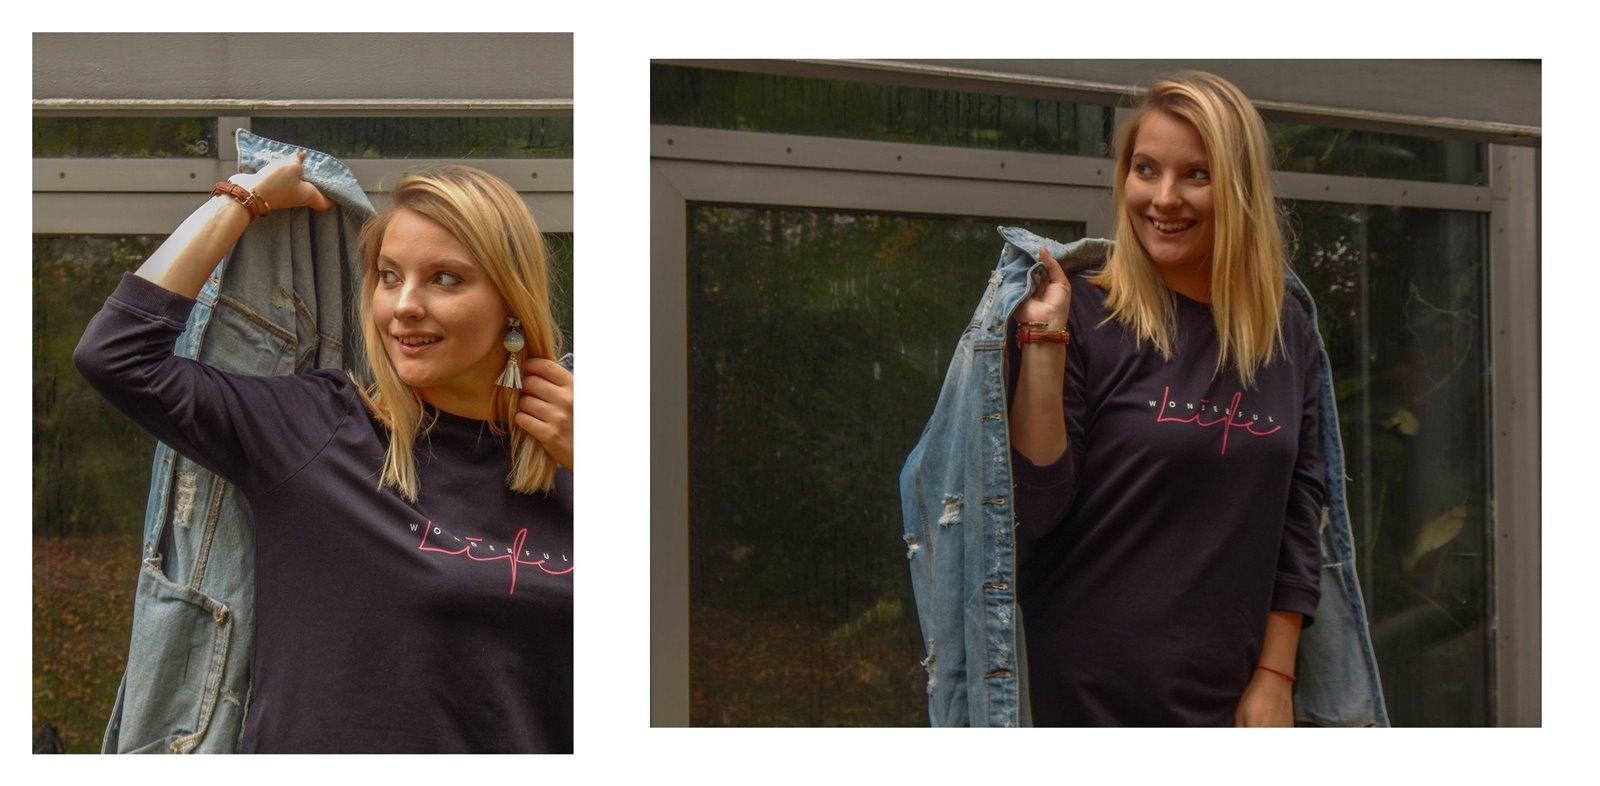 8A jak wybrać kurtkę jeansową najmodniejsze fasony kurtek sukienek płaszczy jak ubierać blondynkę stylizacje short blonde hair hairstyle melody łódź blog lifestyle fashion